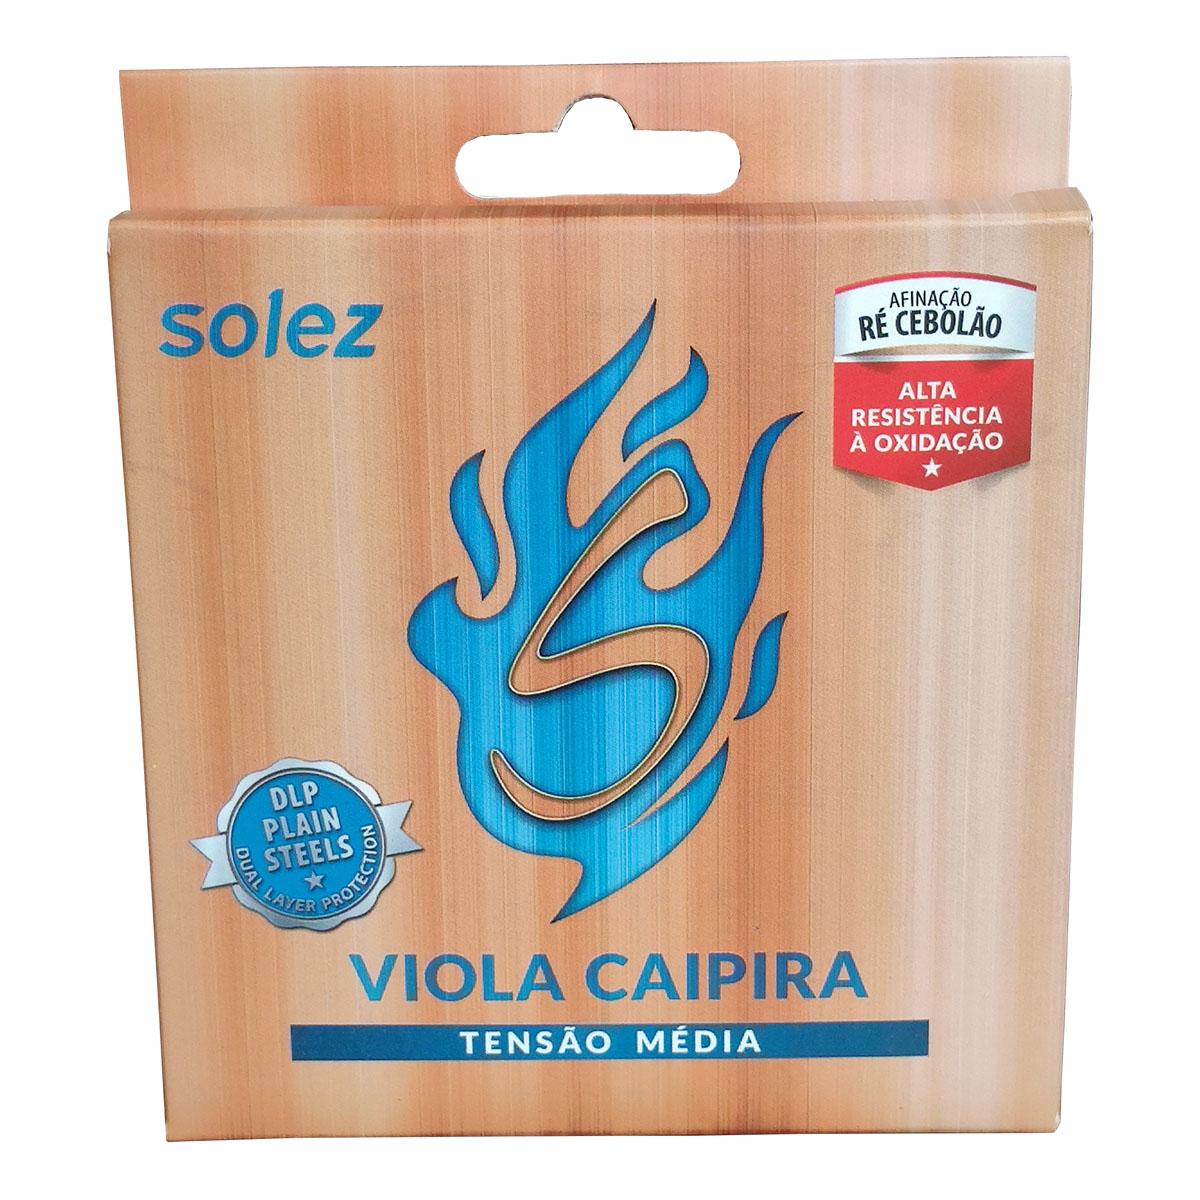 Jogo de Cordas p/ Viola Caipira 10 Cordas Tensão Média - Solez  - RS Som e Luz!